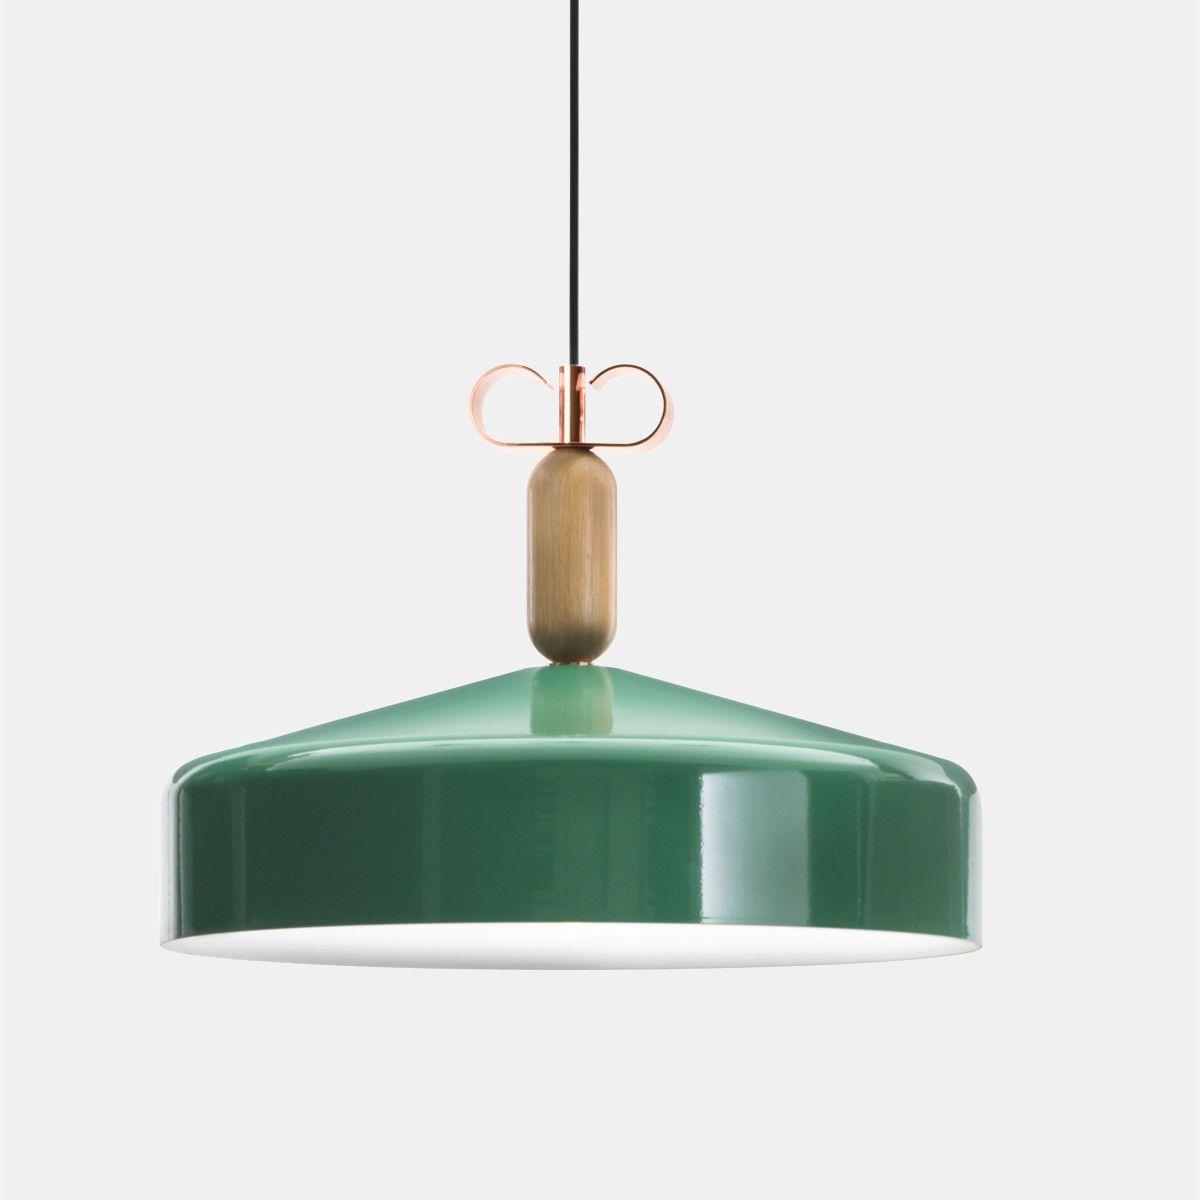 גוף תאורה תלוי – בצבע ירוק N2_10